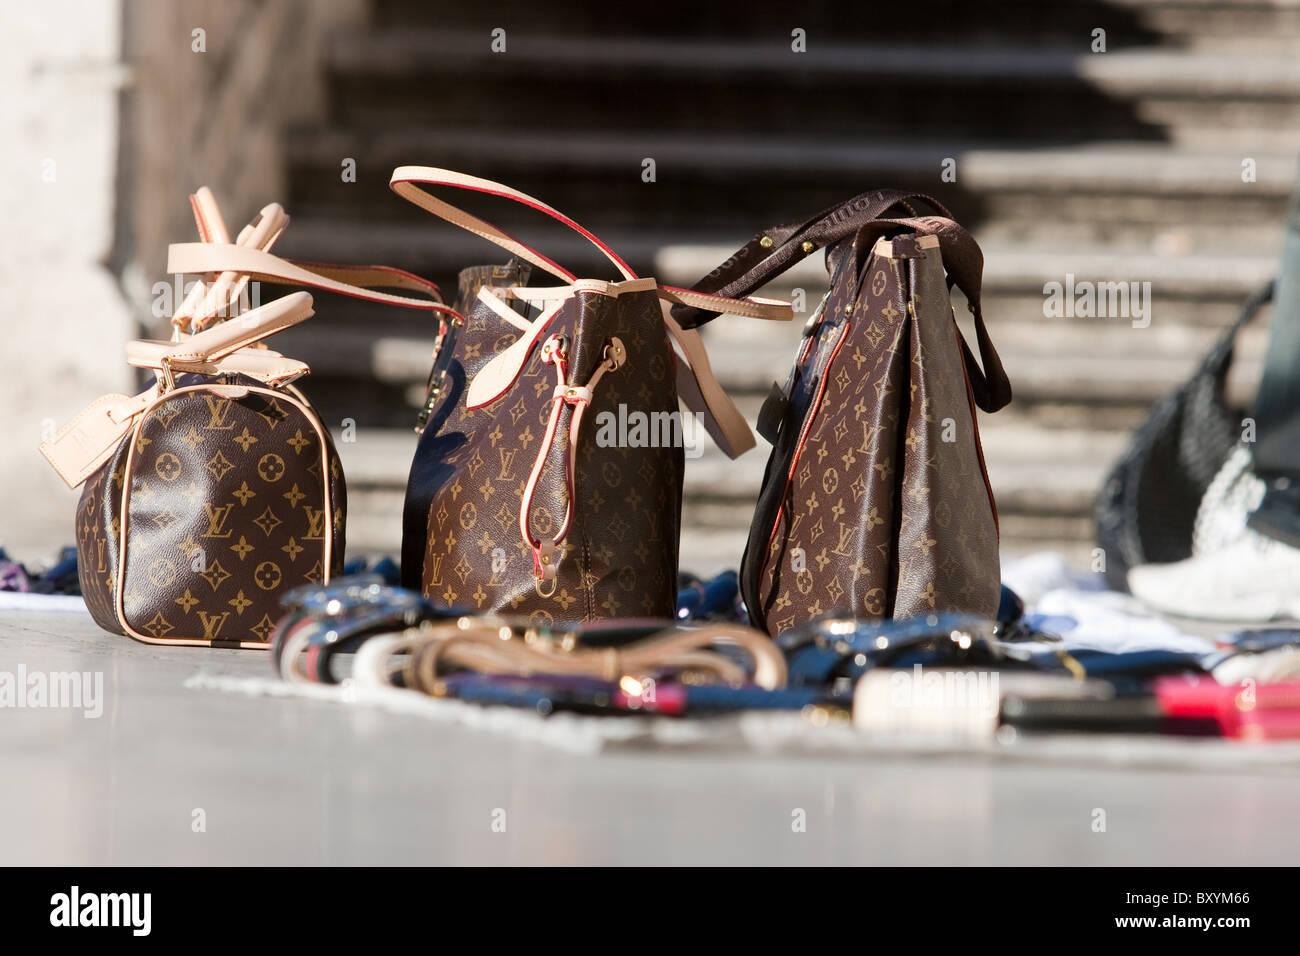 Design fake di merci in vendita in scalinata di Trinit dei Monti Roma Italia . 9c16e94bf545